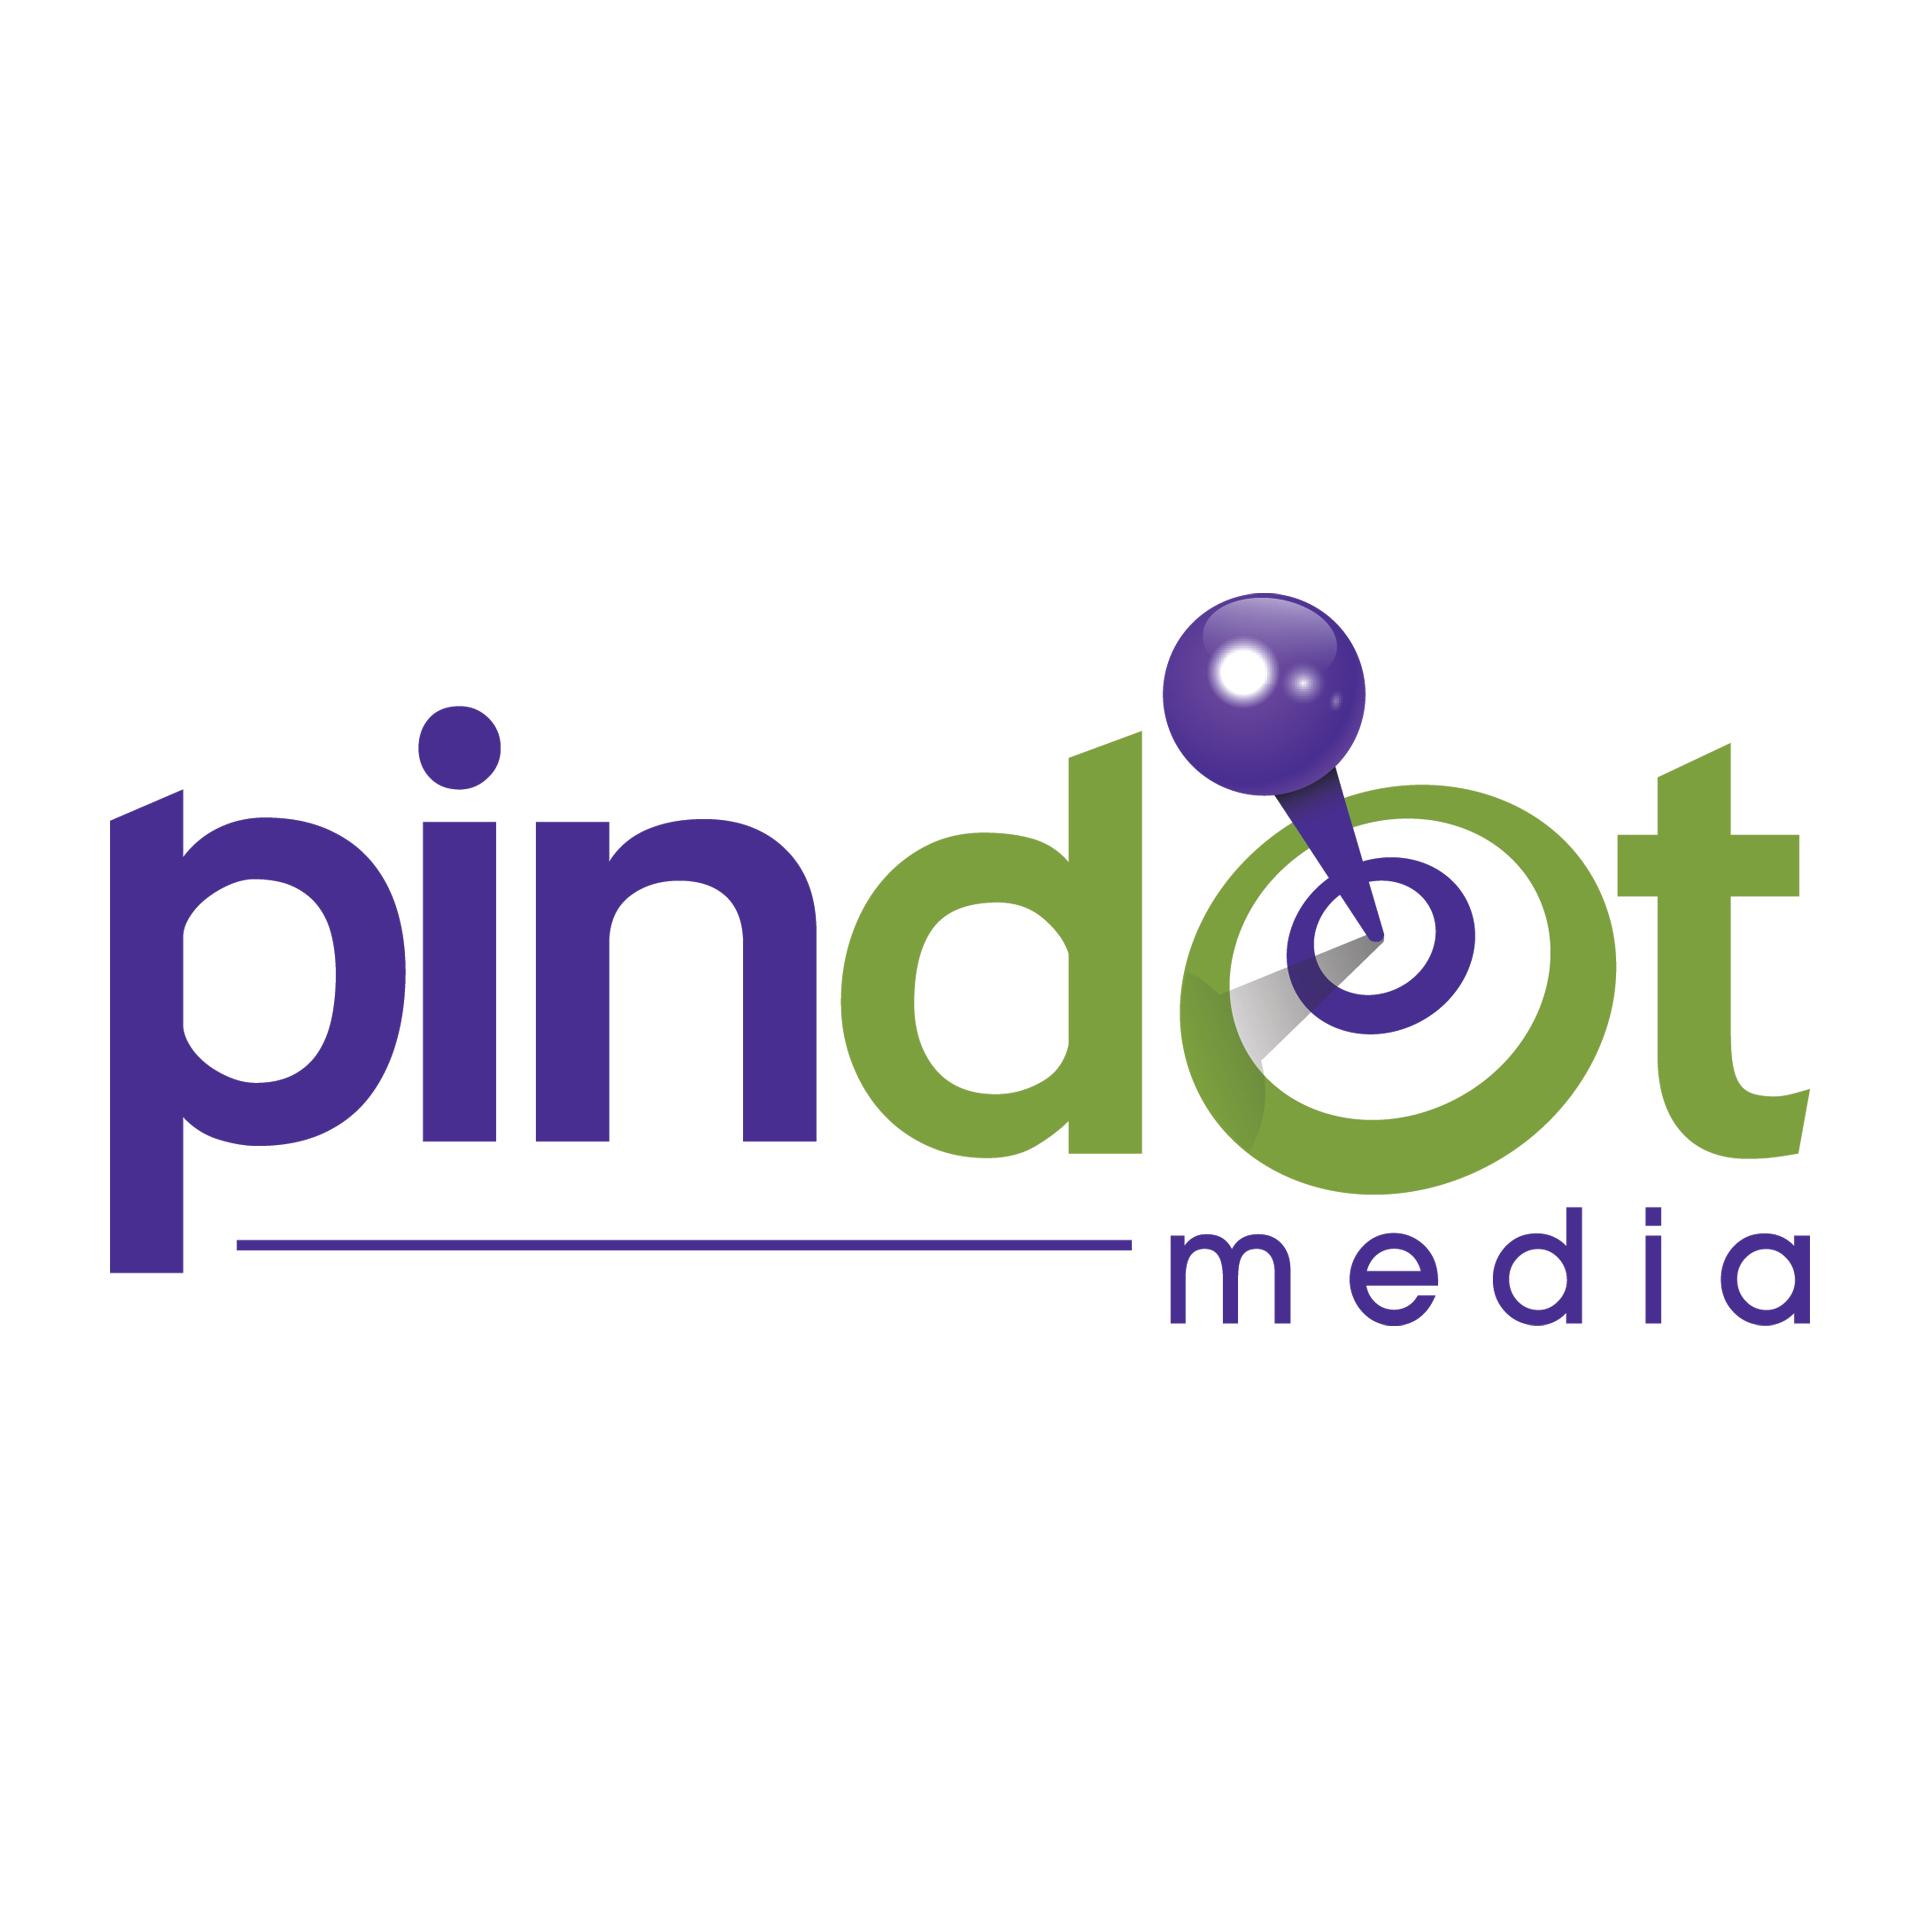 PinDot Media